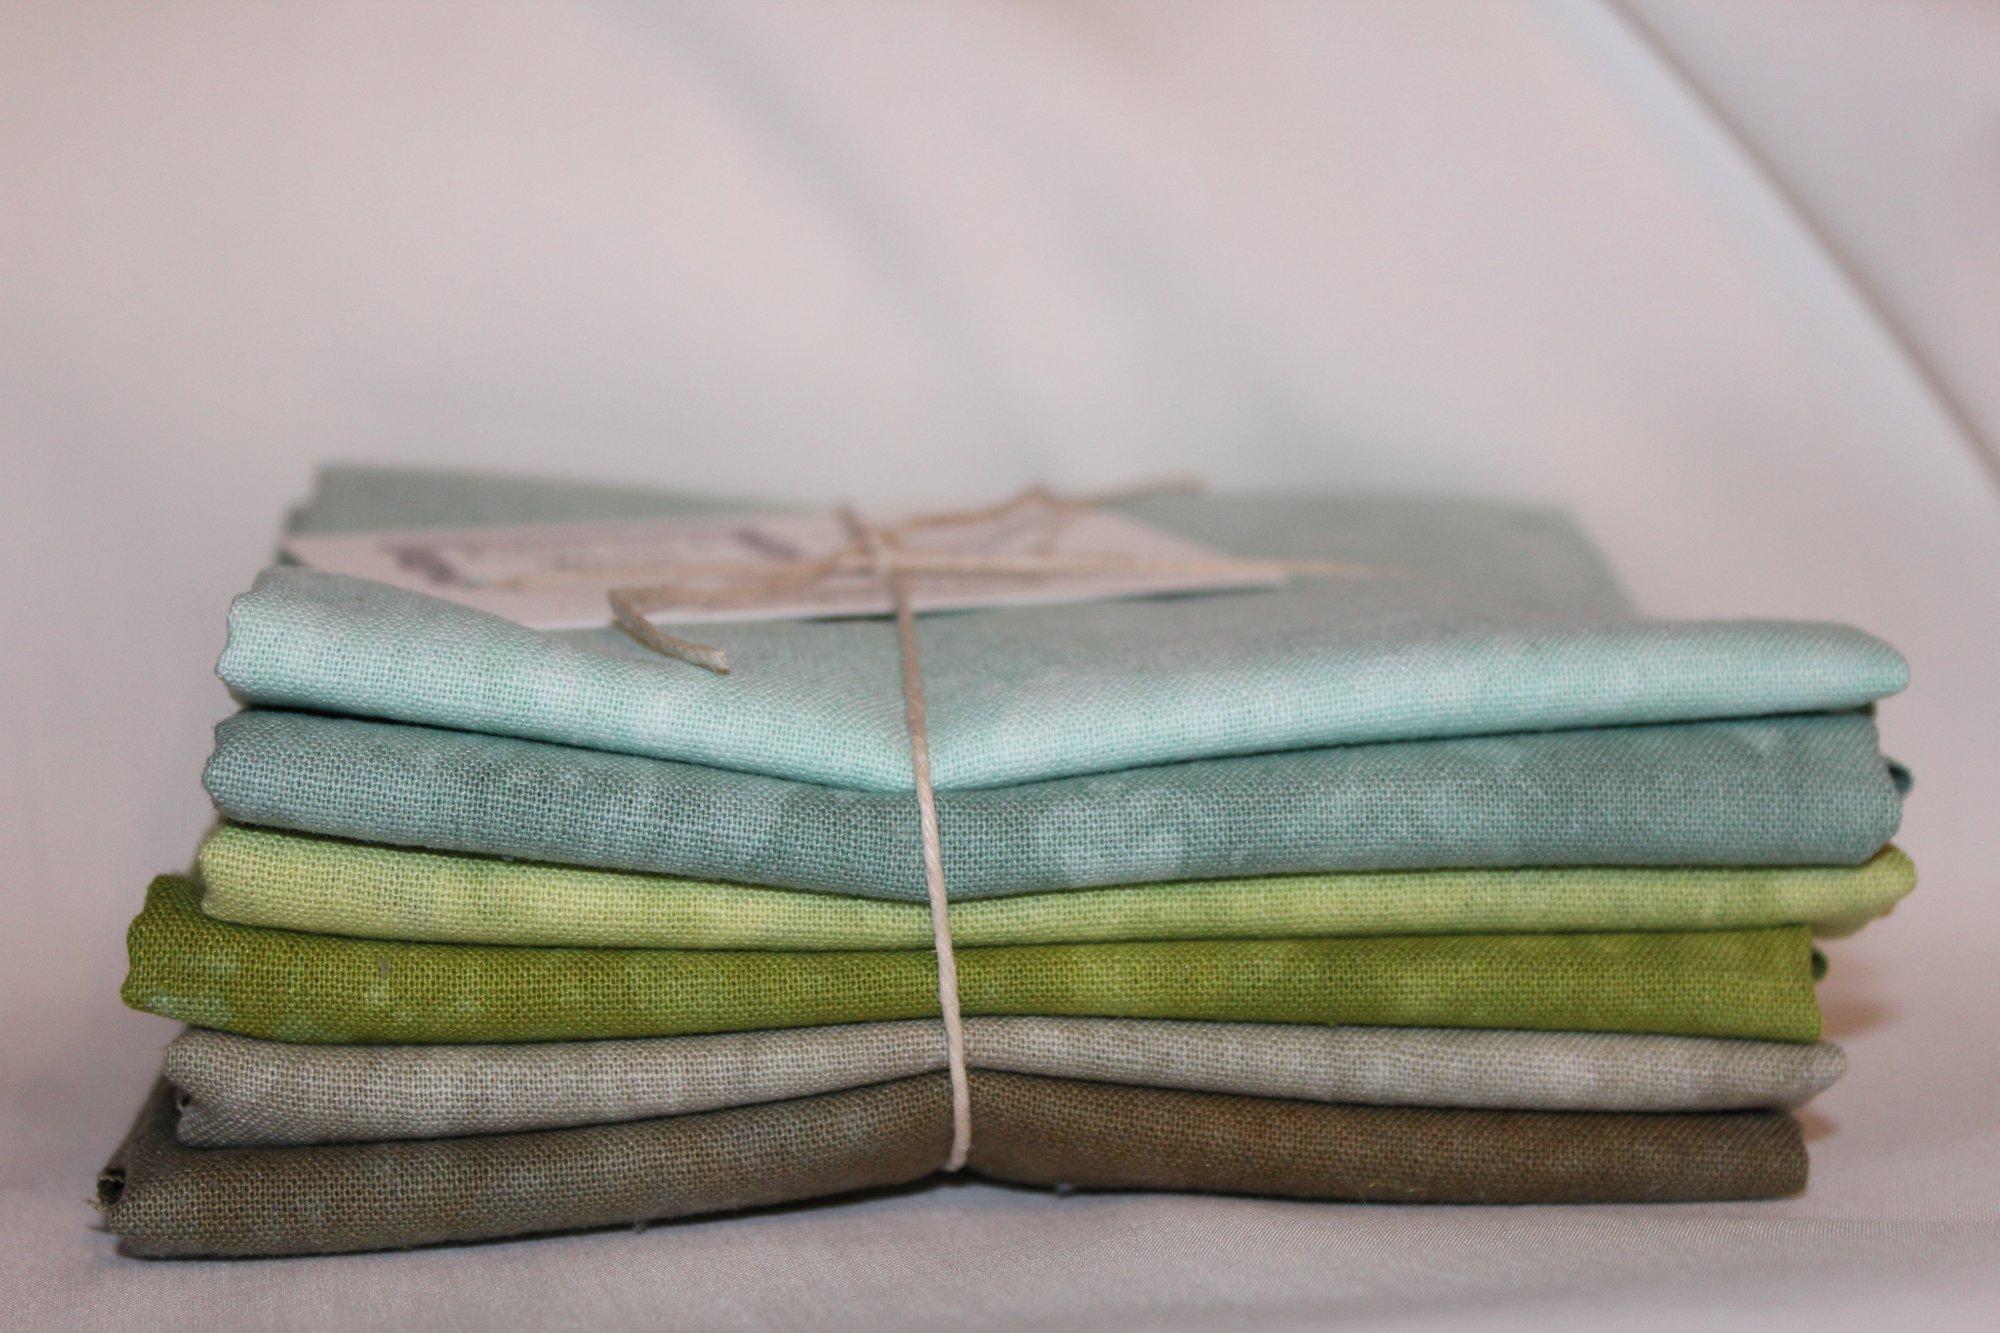 Greens Hand-dyed Linen Fat Quarter 6pc Set